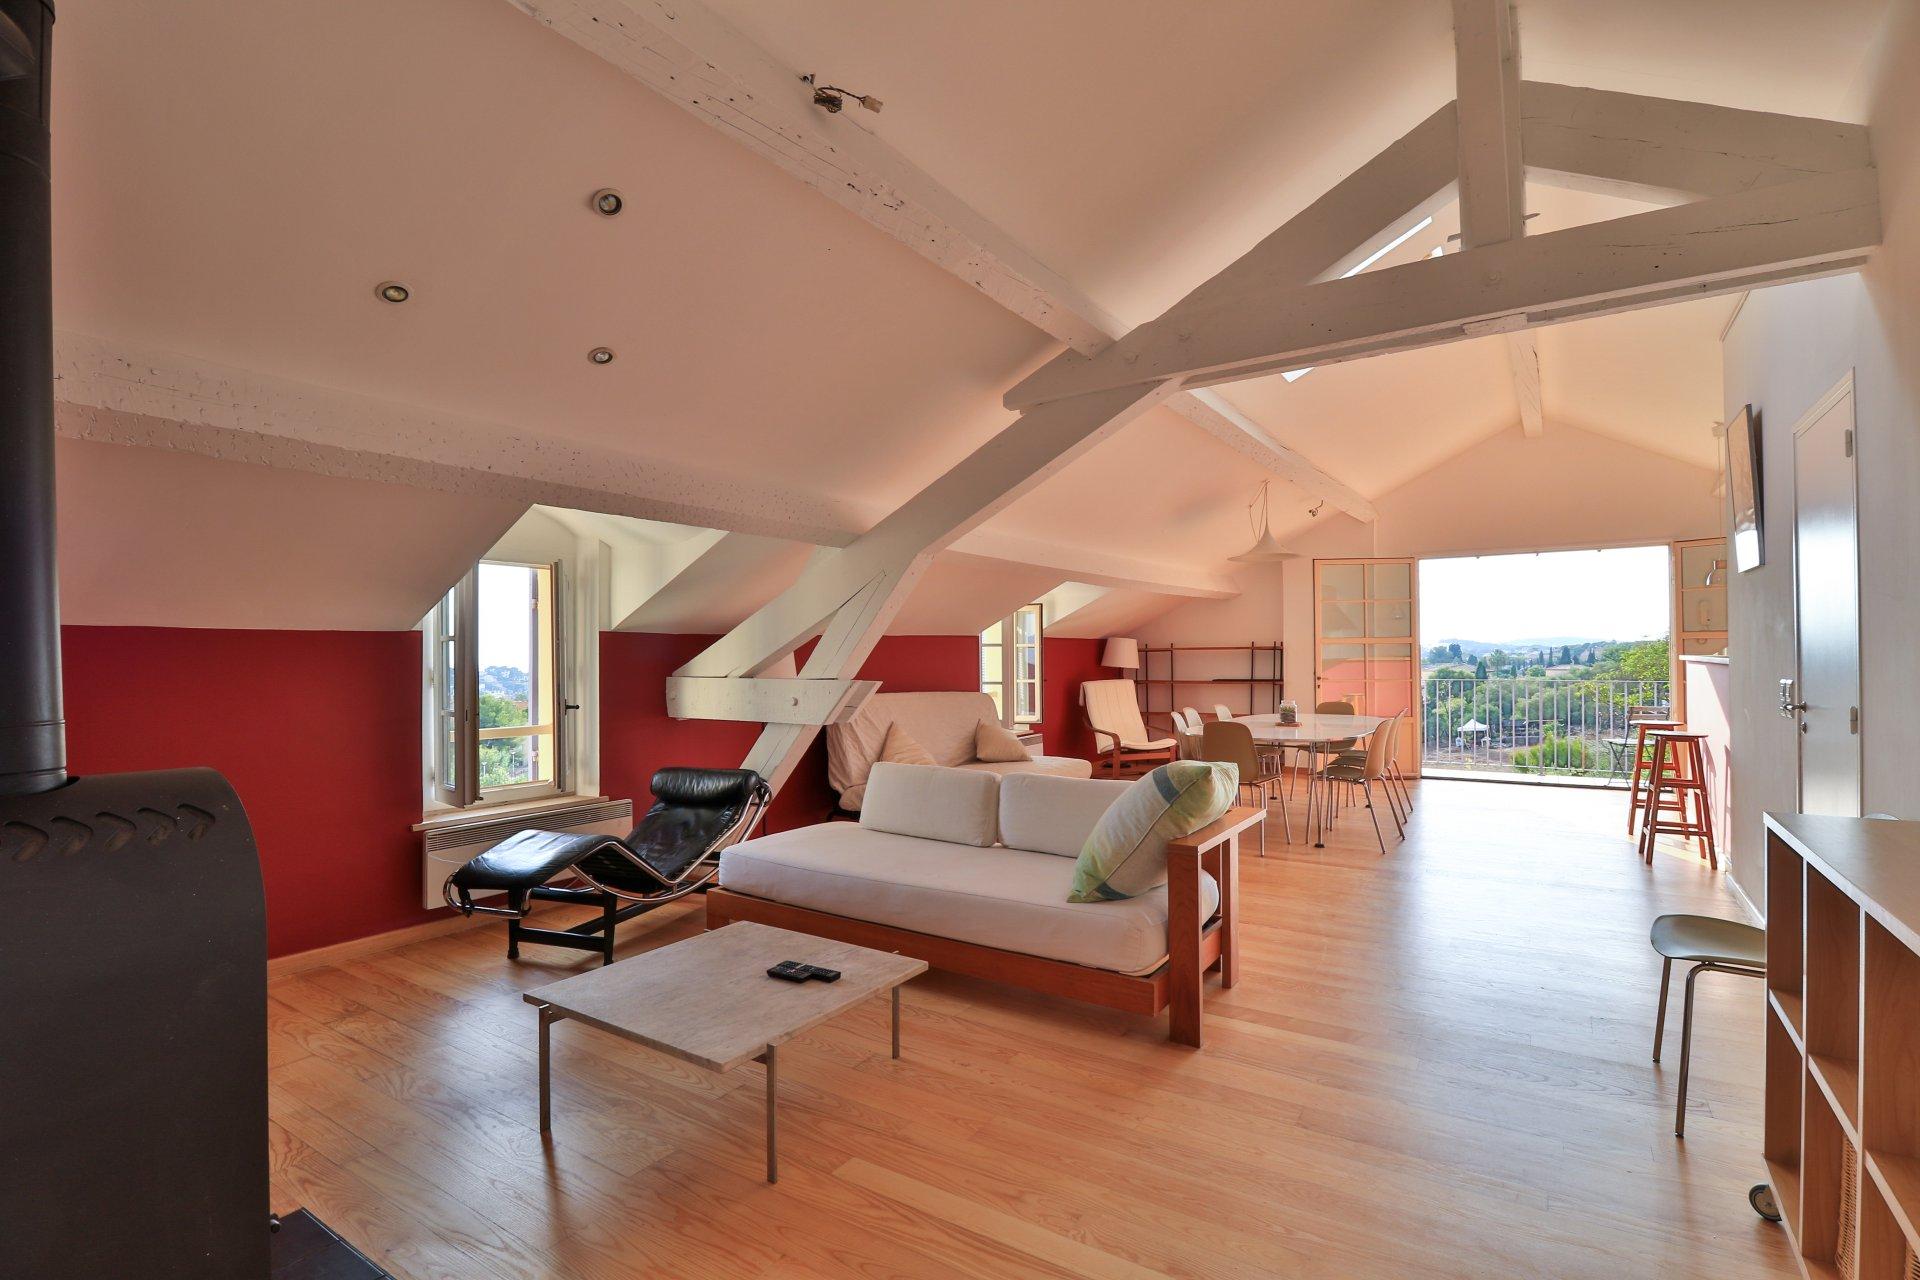 Exclusivité :  superbe maison de maître vue mer entièrement rénovée